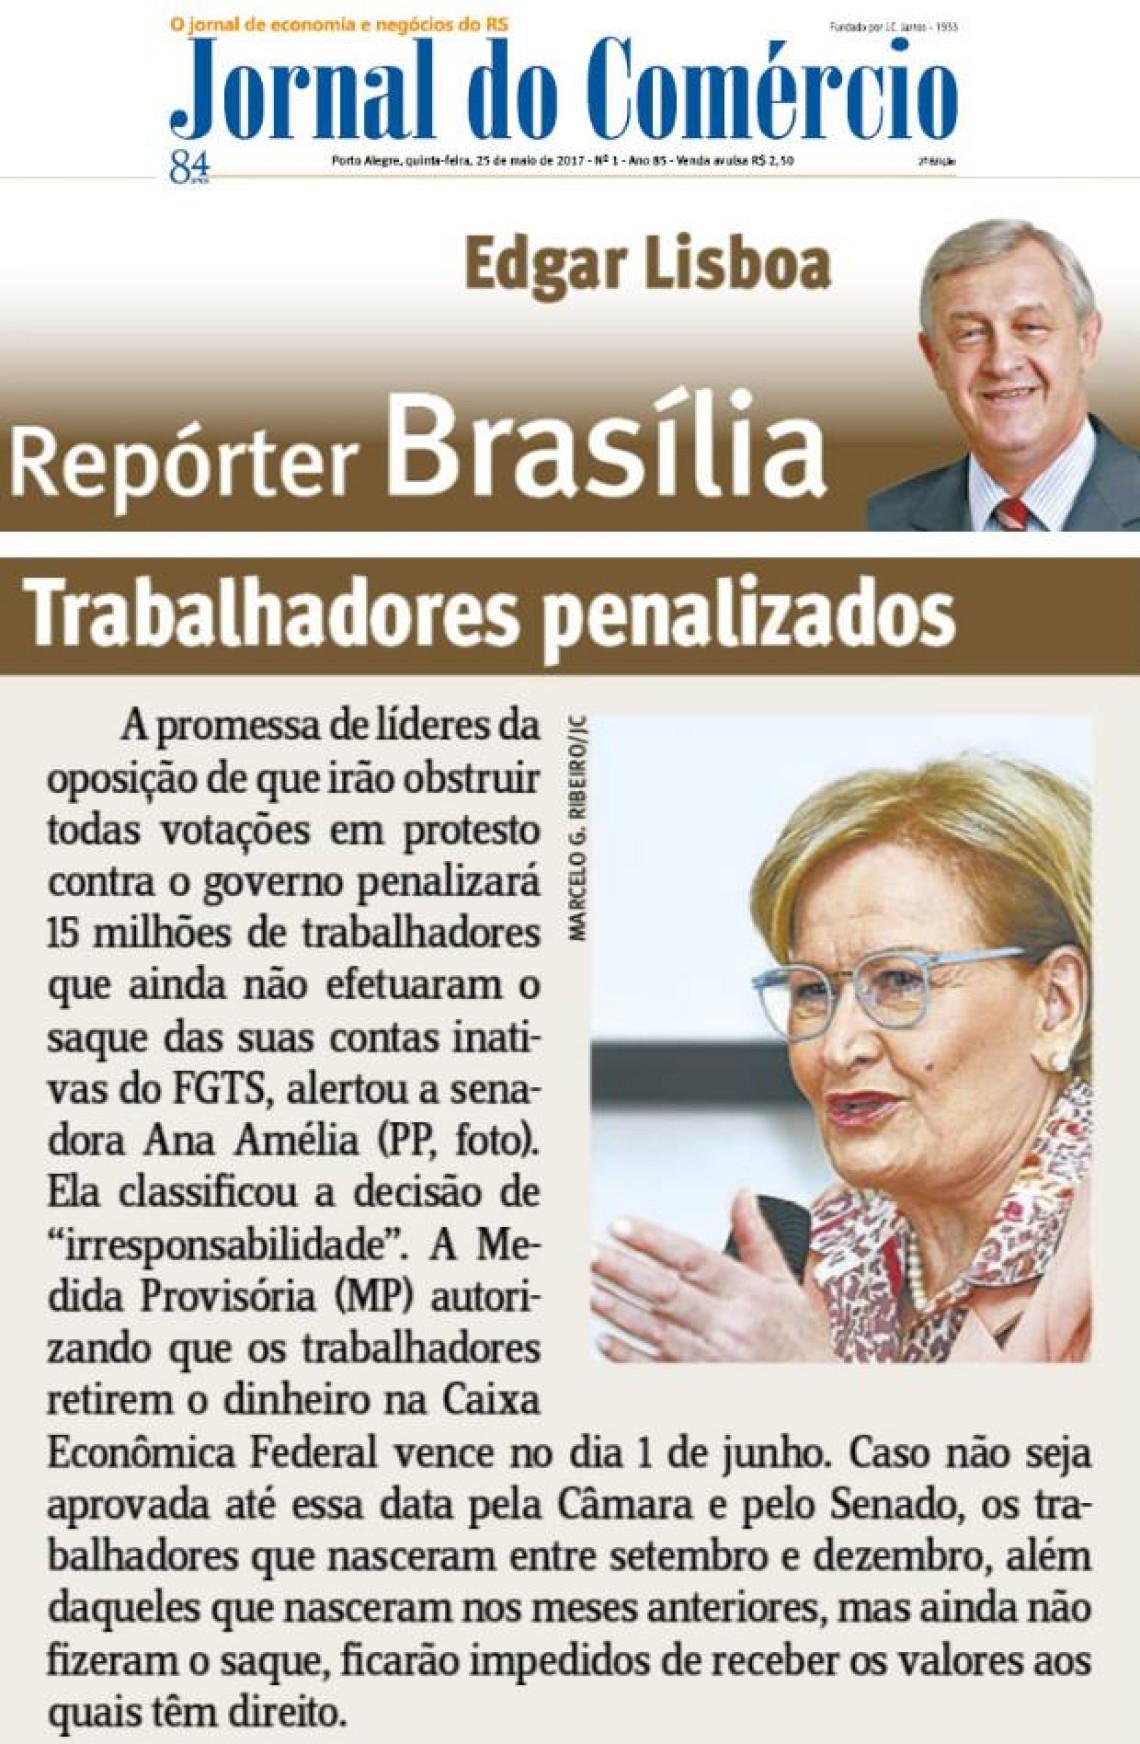 Jornal do Comércio: Edgar Lisboa - Trabalhadores penalizados